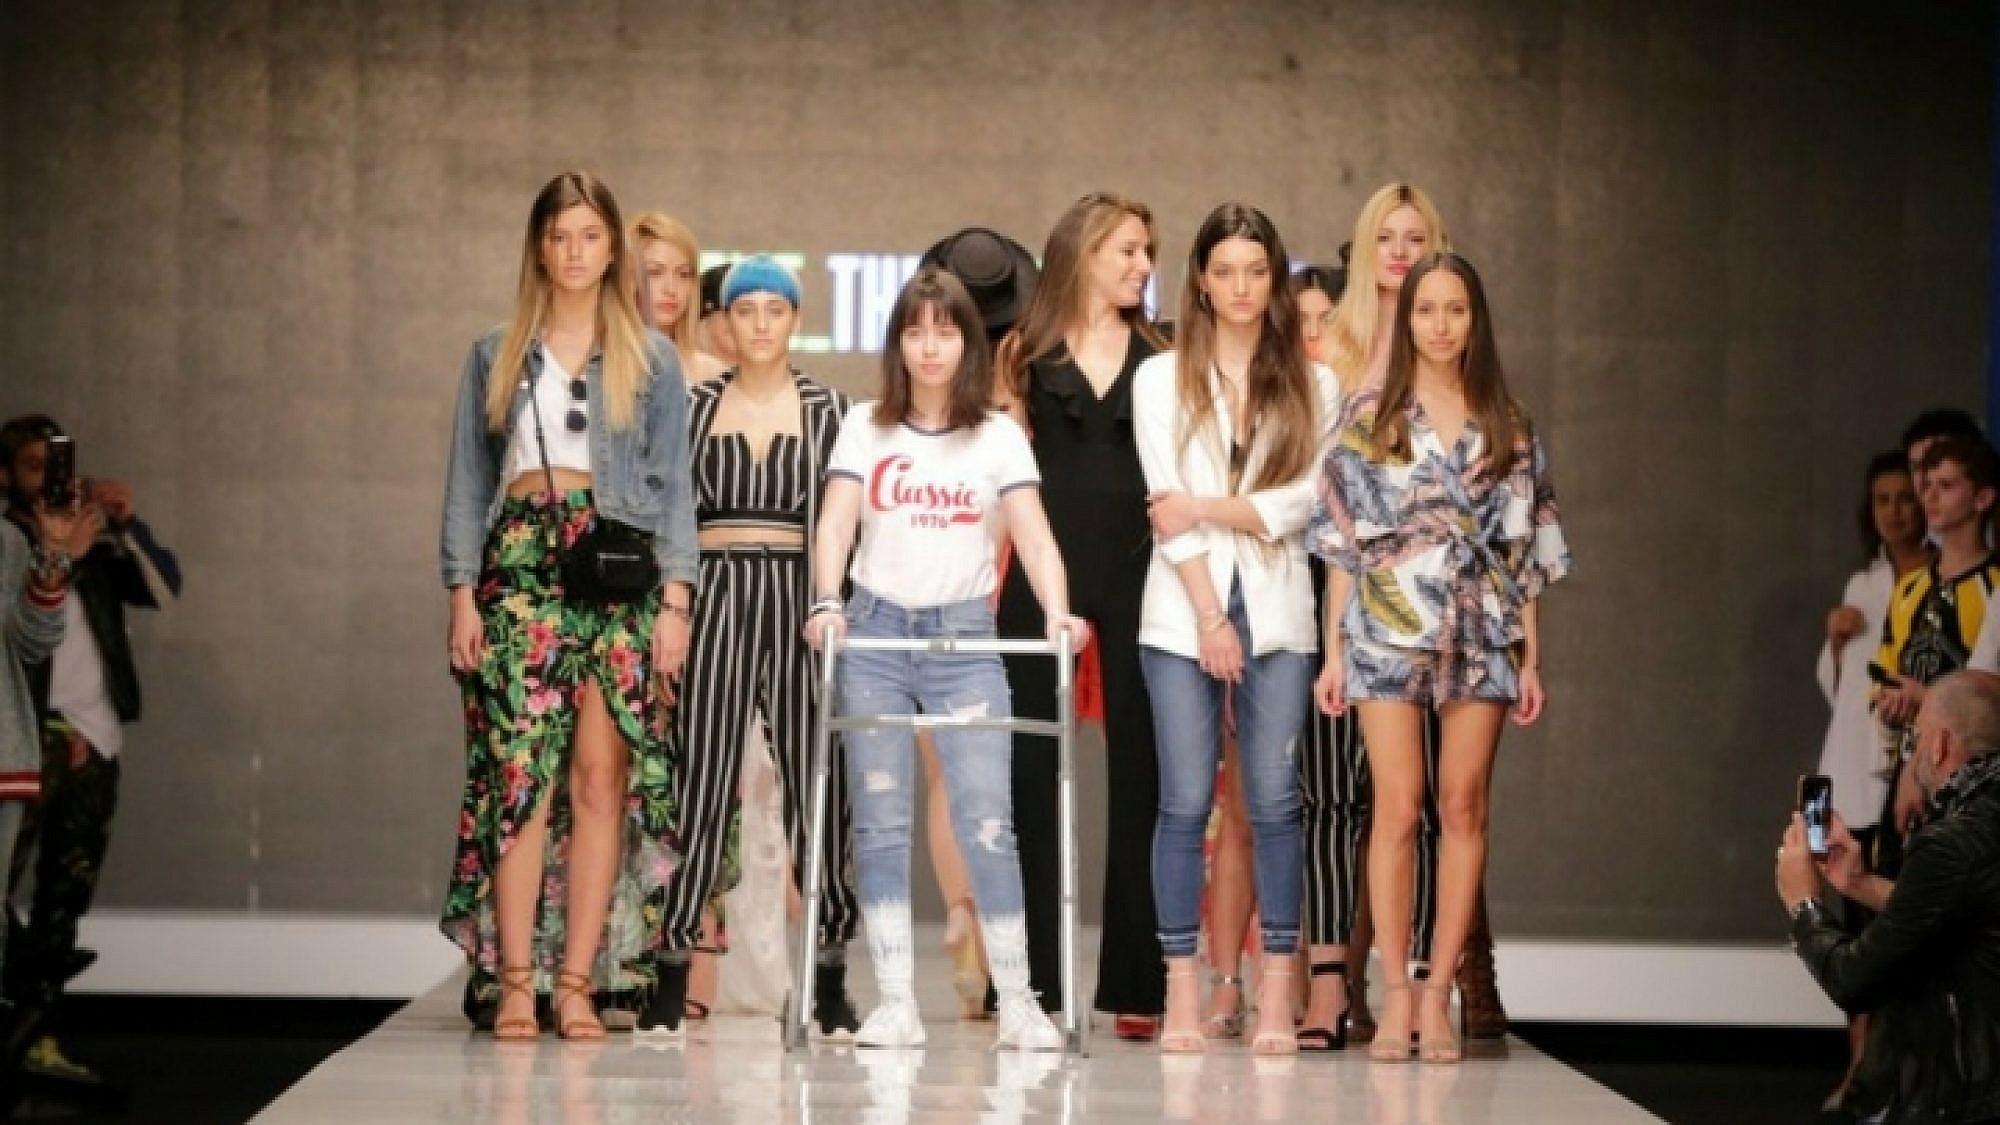 אלונה נאומוב בתצוגה של טוונטיפורסבן בשבוע האופנה תל אביב 2018 | צילום: אדריאן סבל